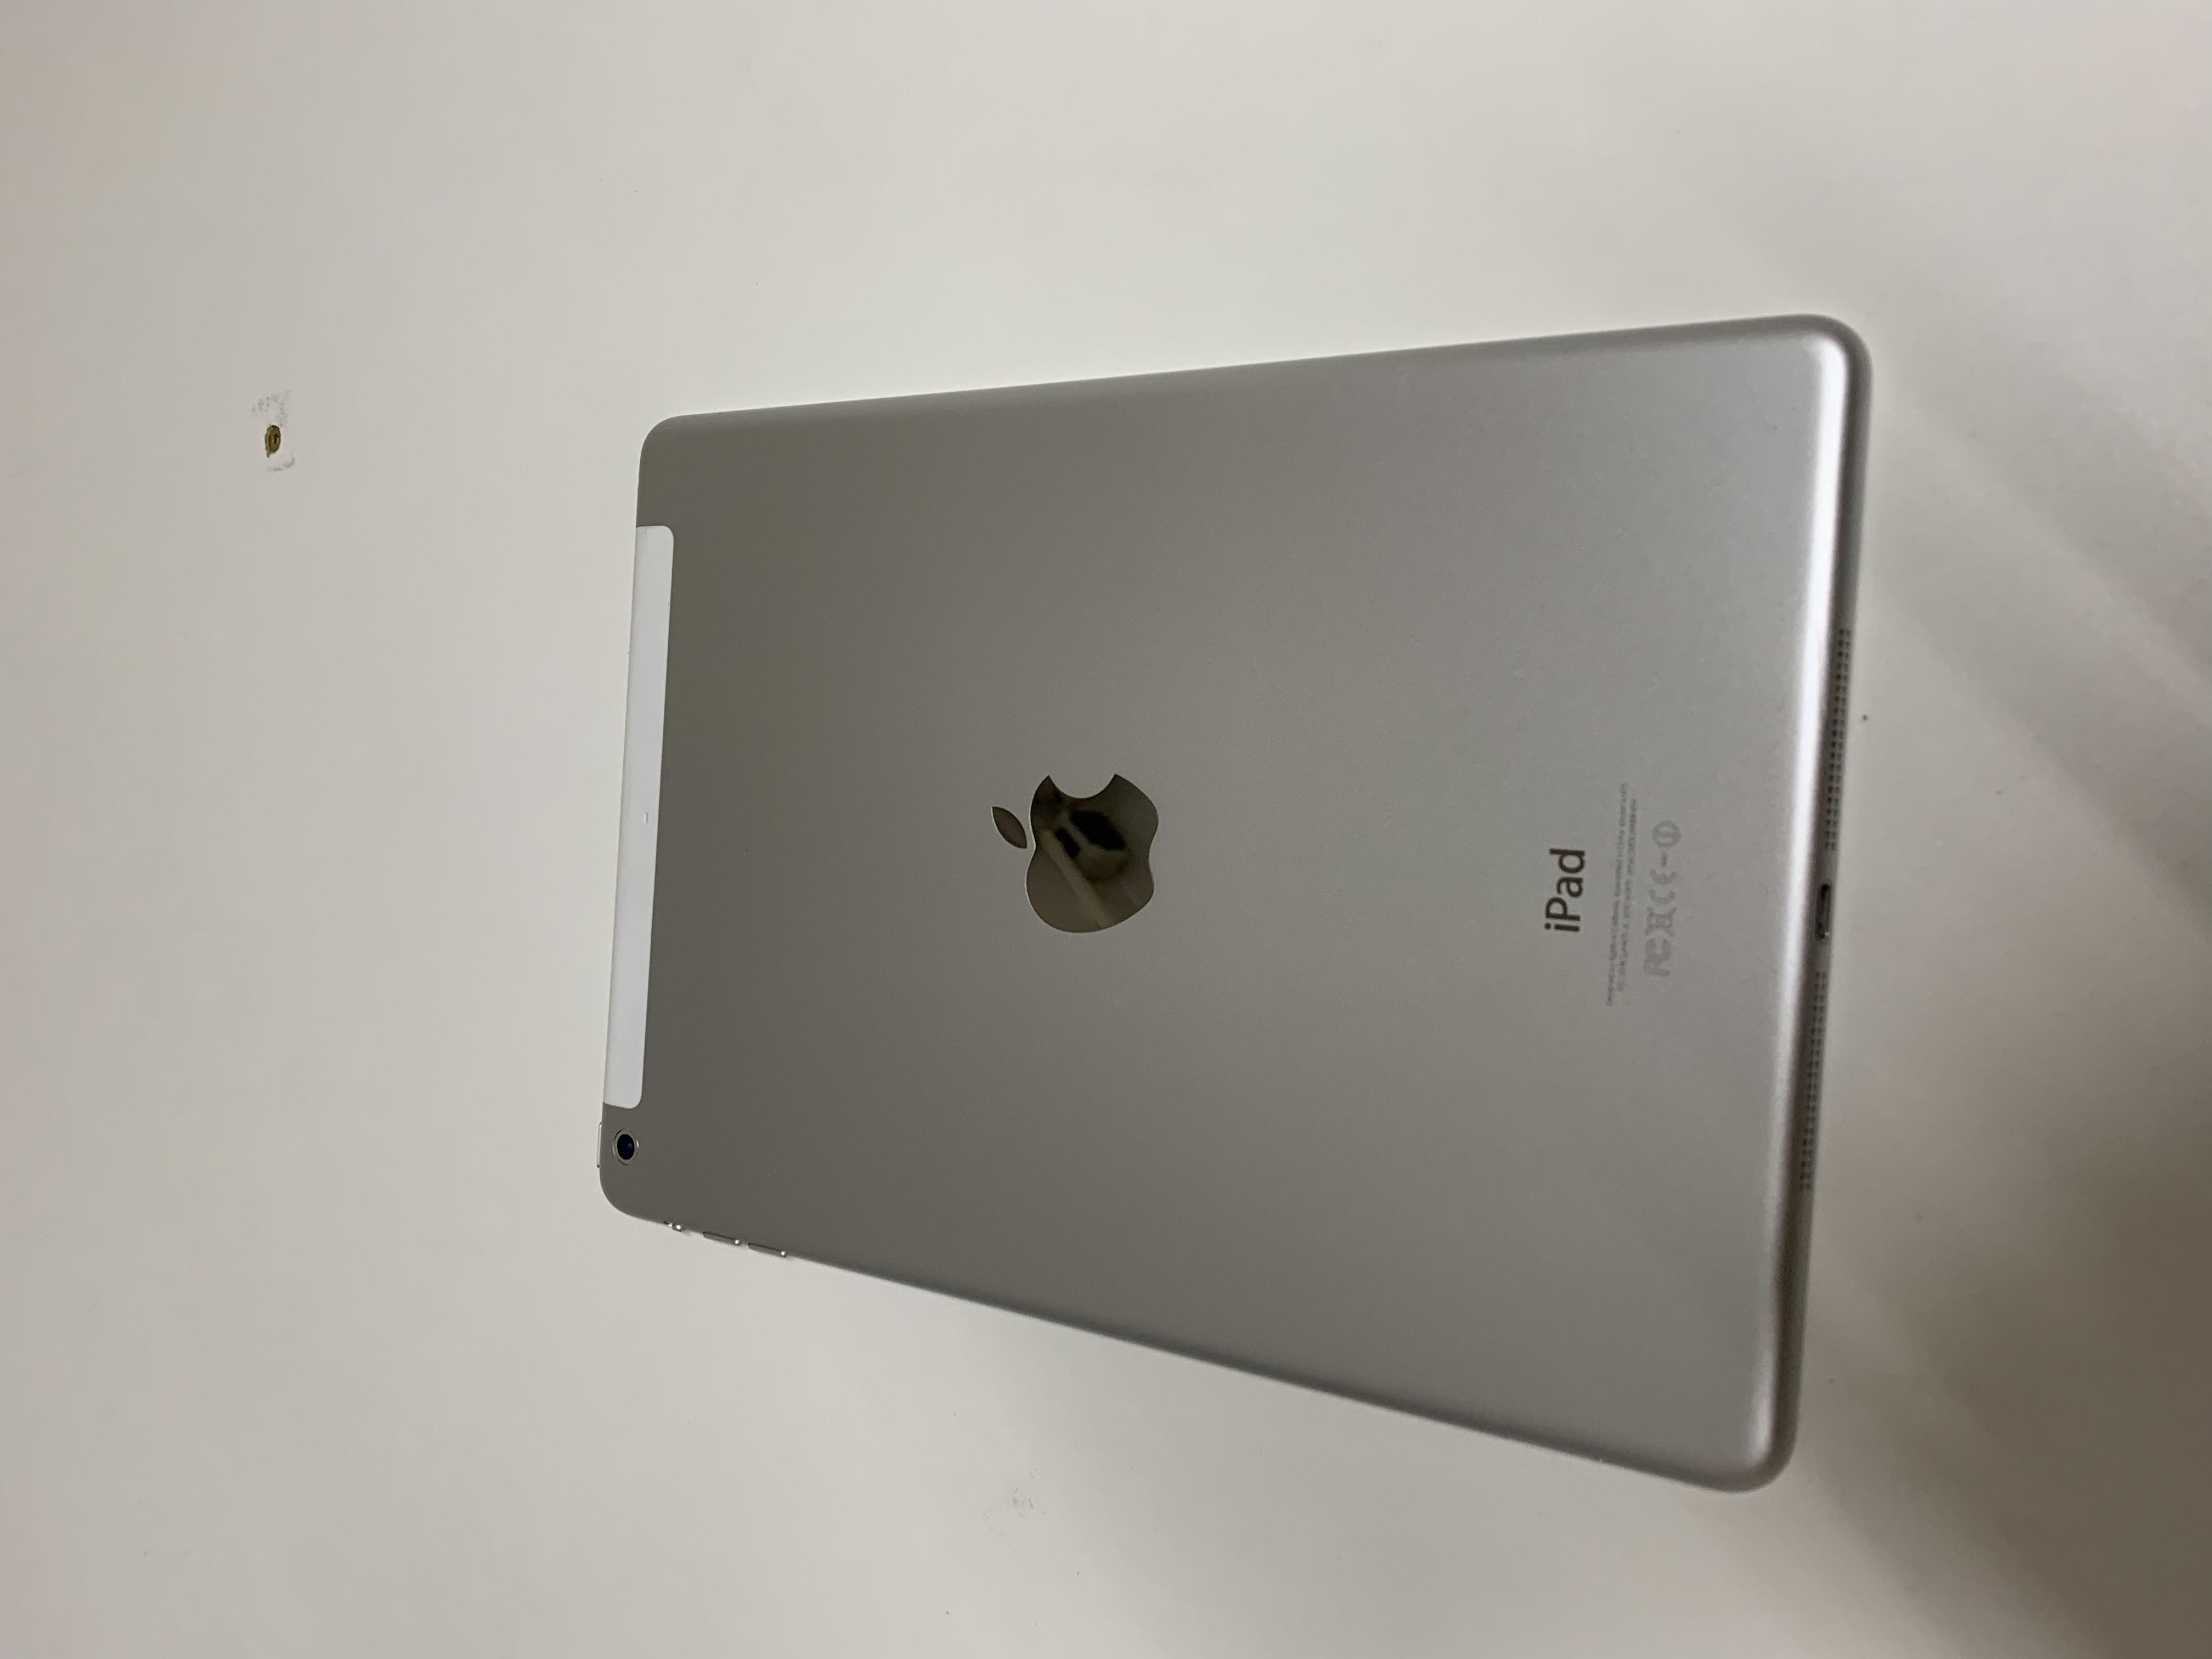 iPad Air Wi-Fi 16GB, 16GB, Silver, bild 1